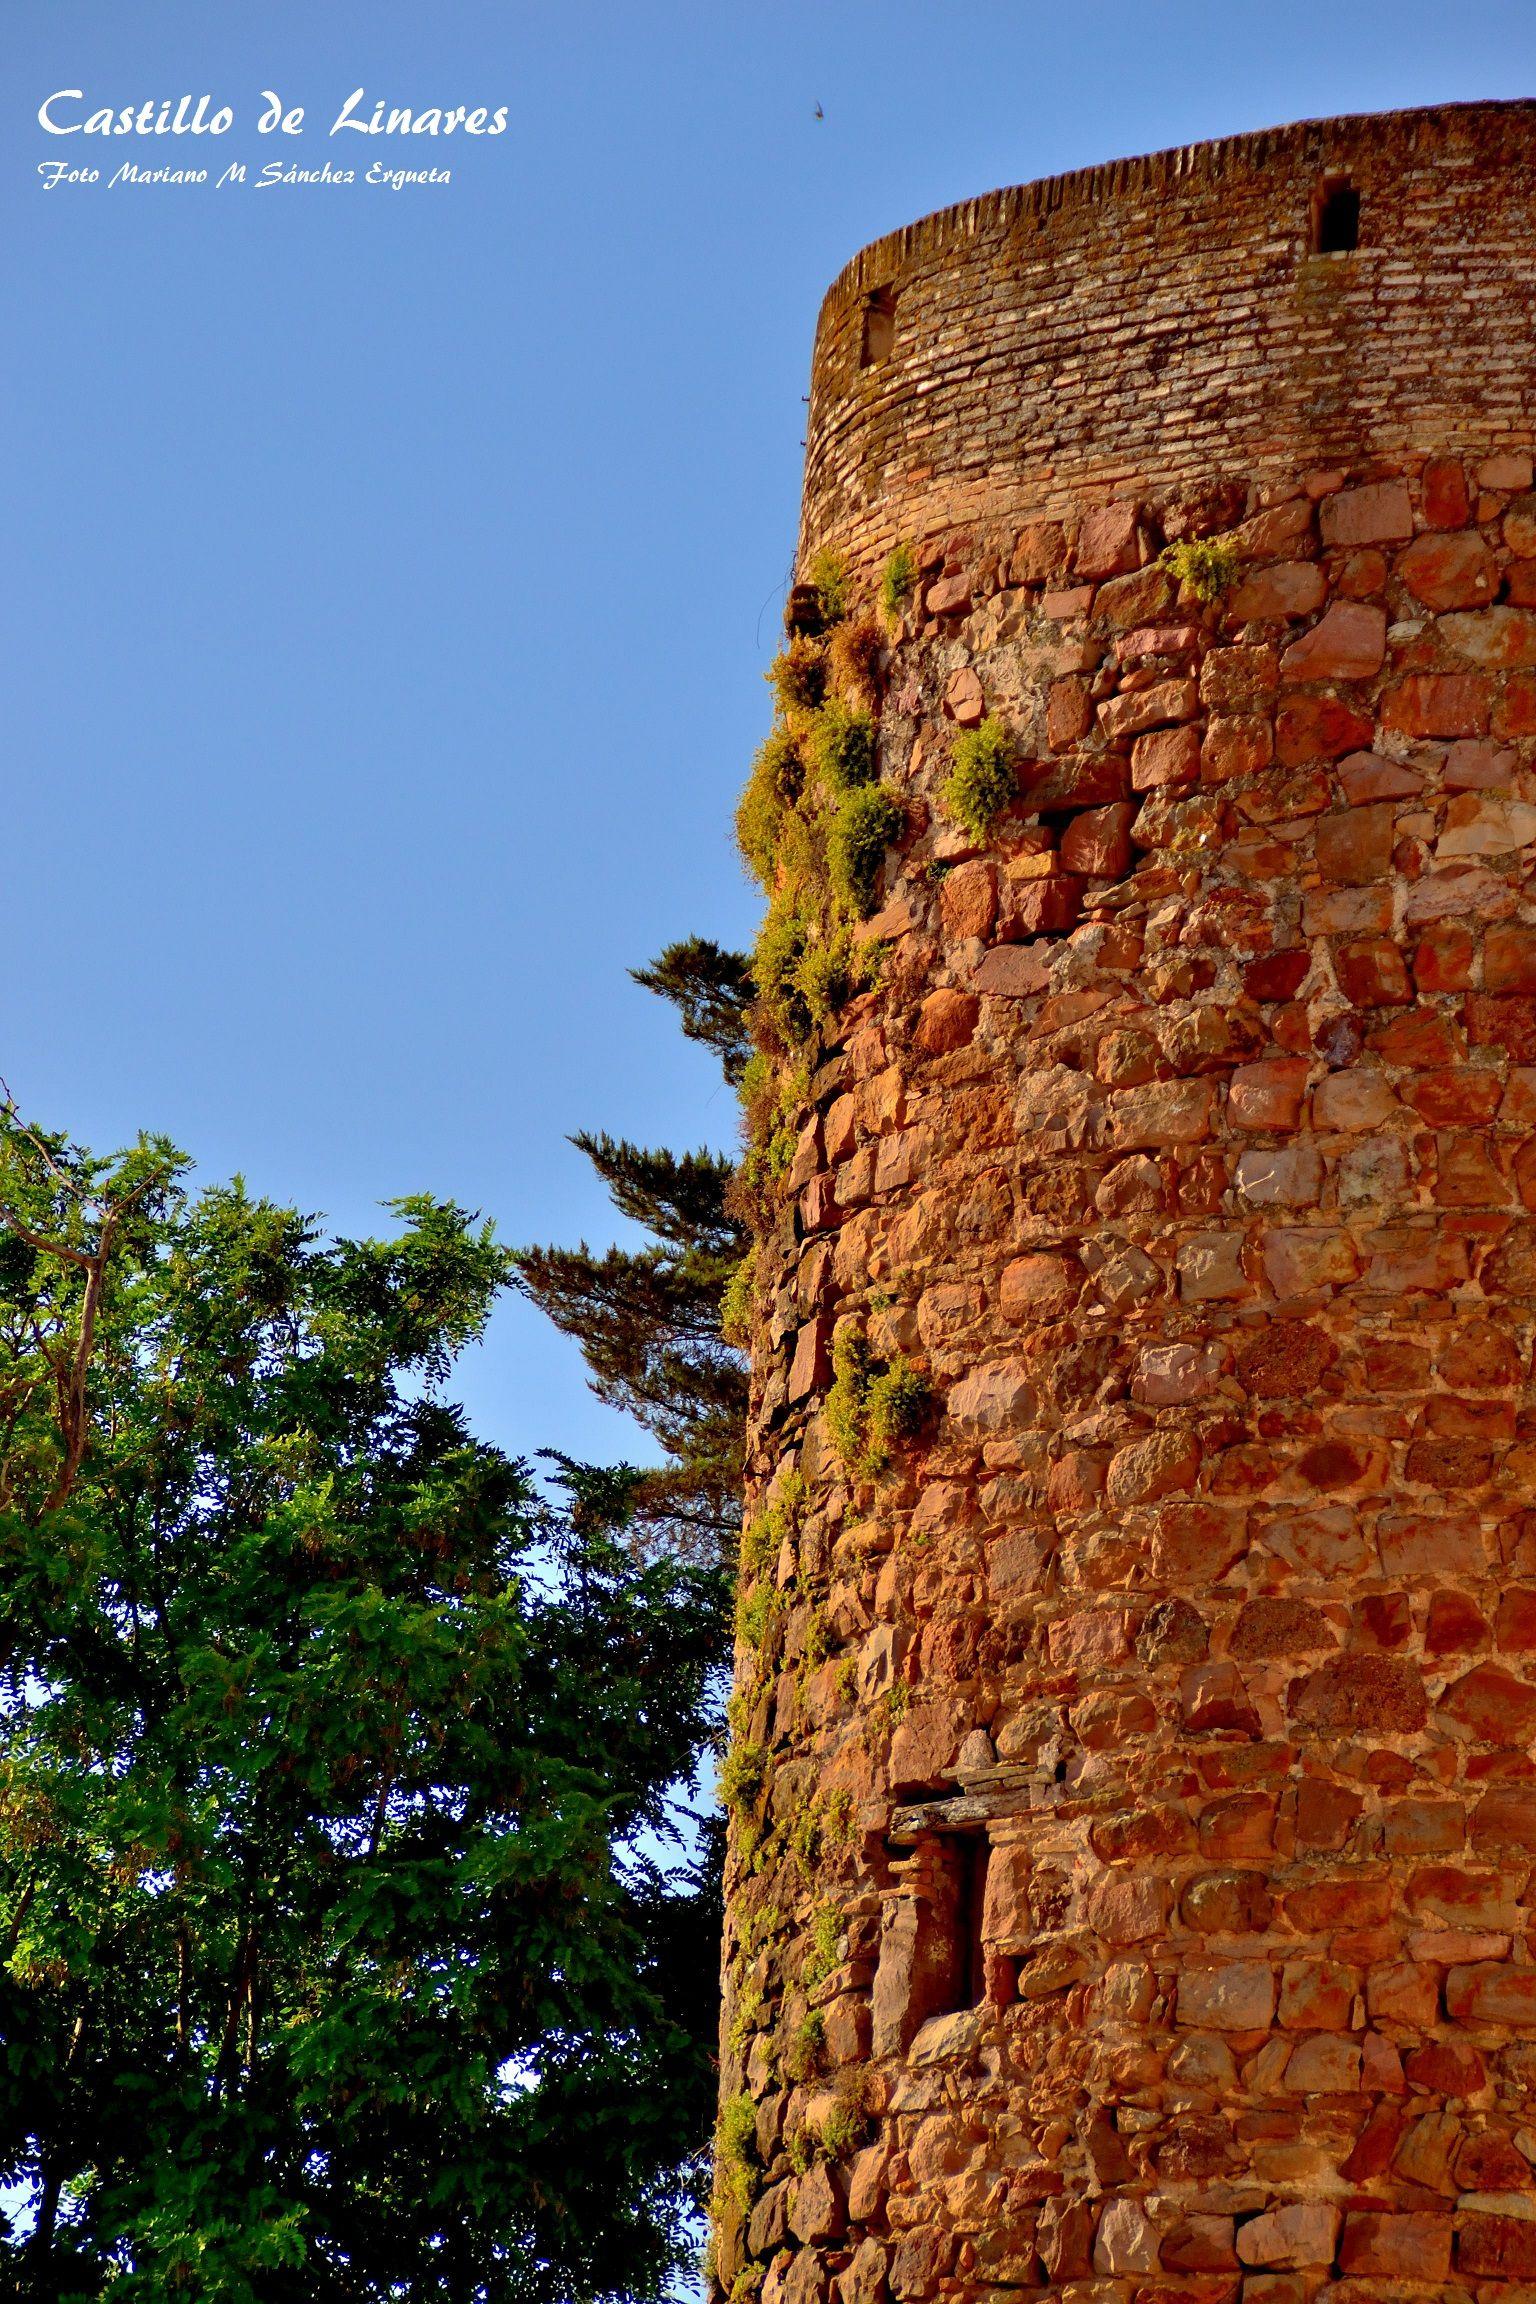 Único torreón que se conserva del castillo de Linares ( Andalucía, España)